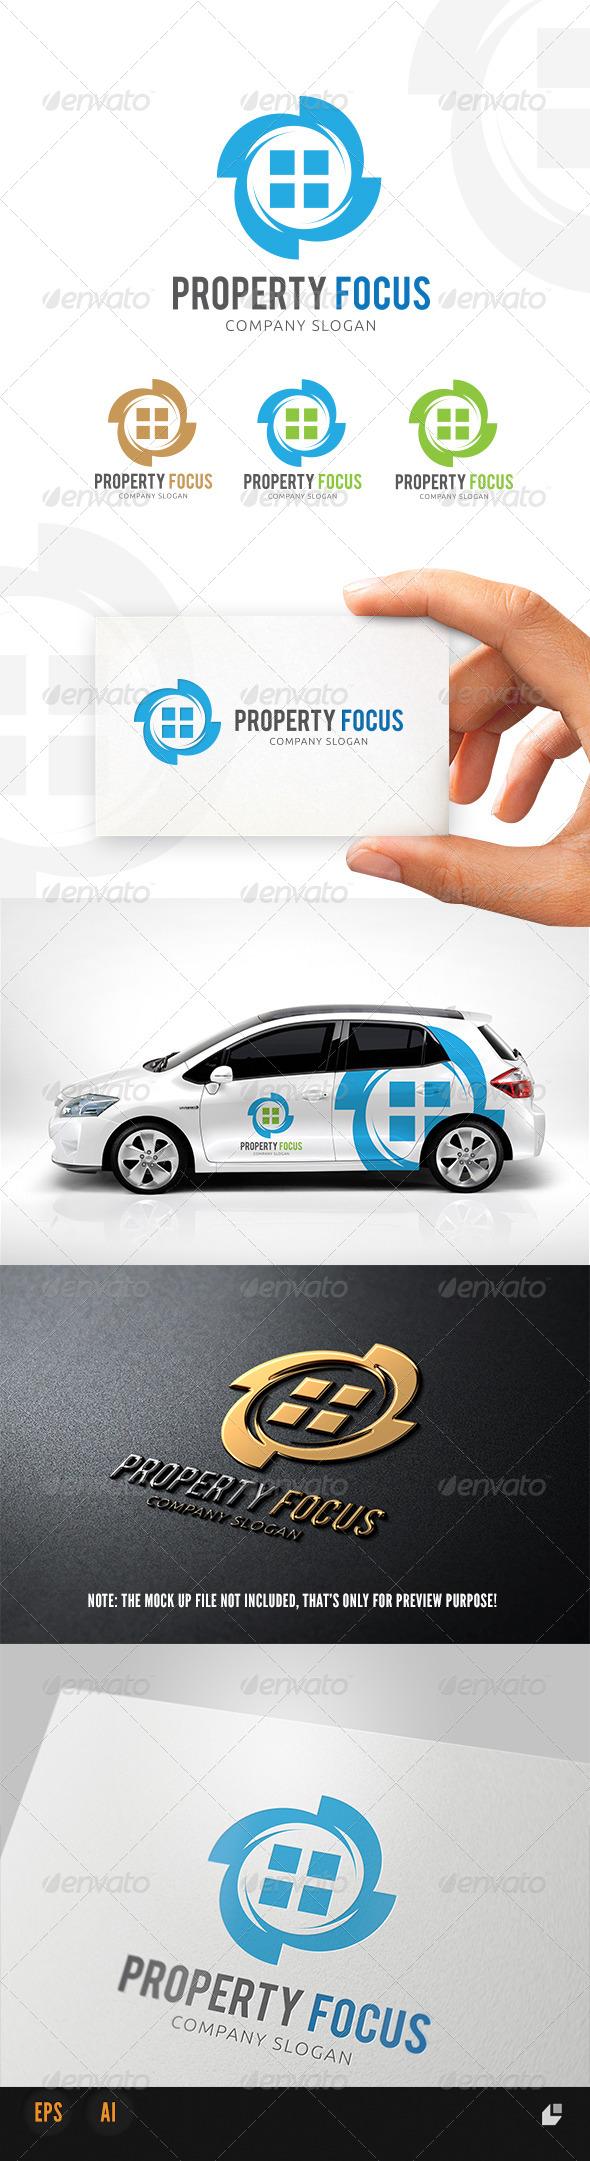 GraphicRiver Property Focus Logo 5403845